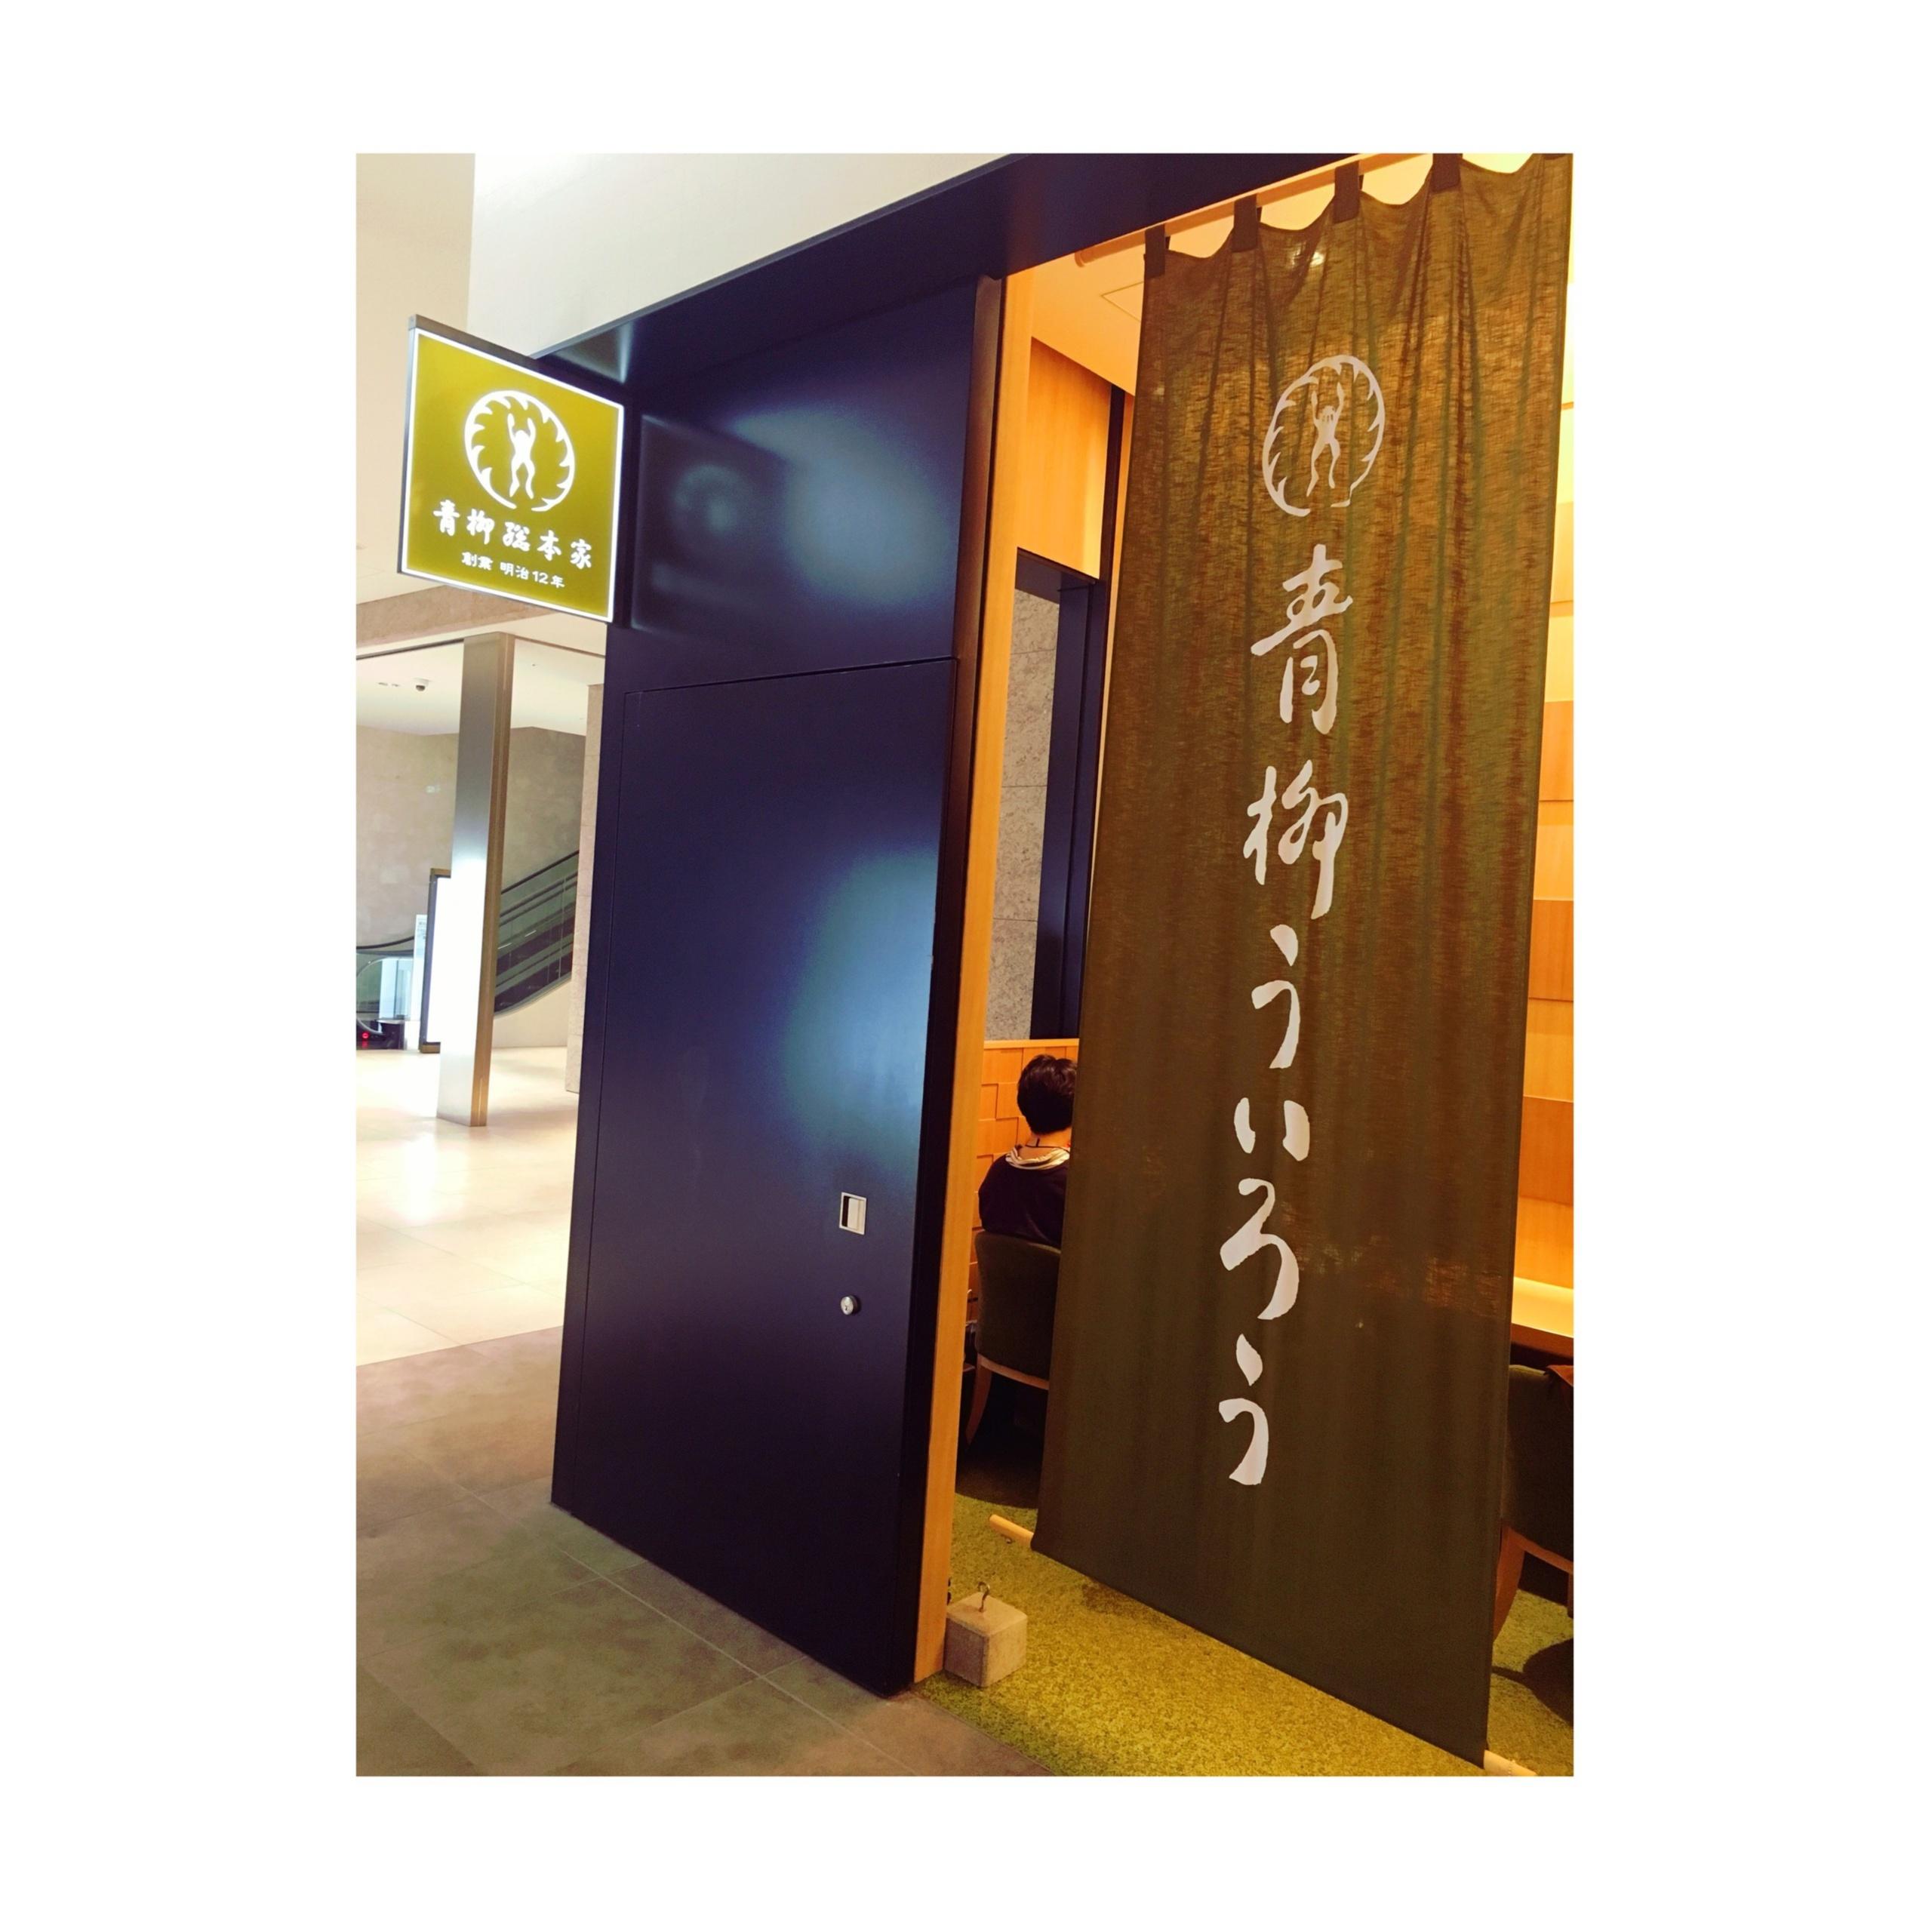 《ご当地MORE★愛知》季節限定!名古屋駅KITTEで食べられる【カエルのさくら風呂】が可愛すぎるっ❤️_2